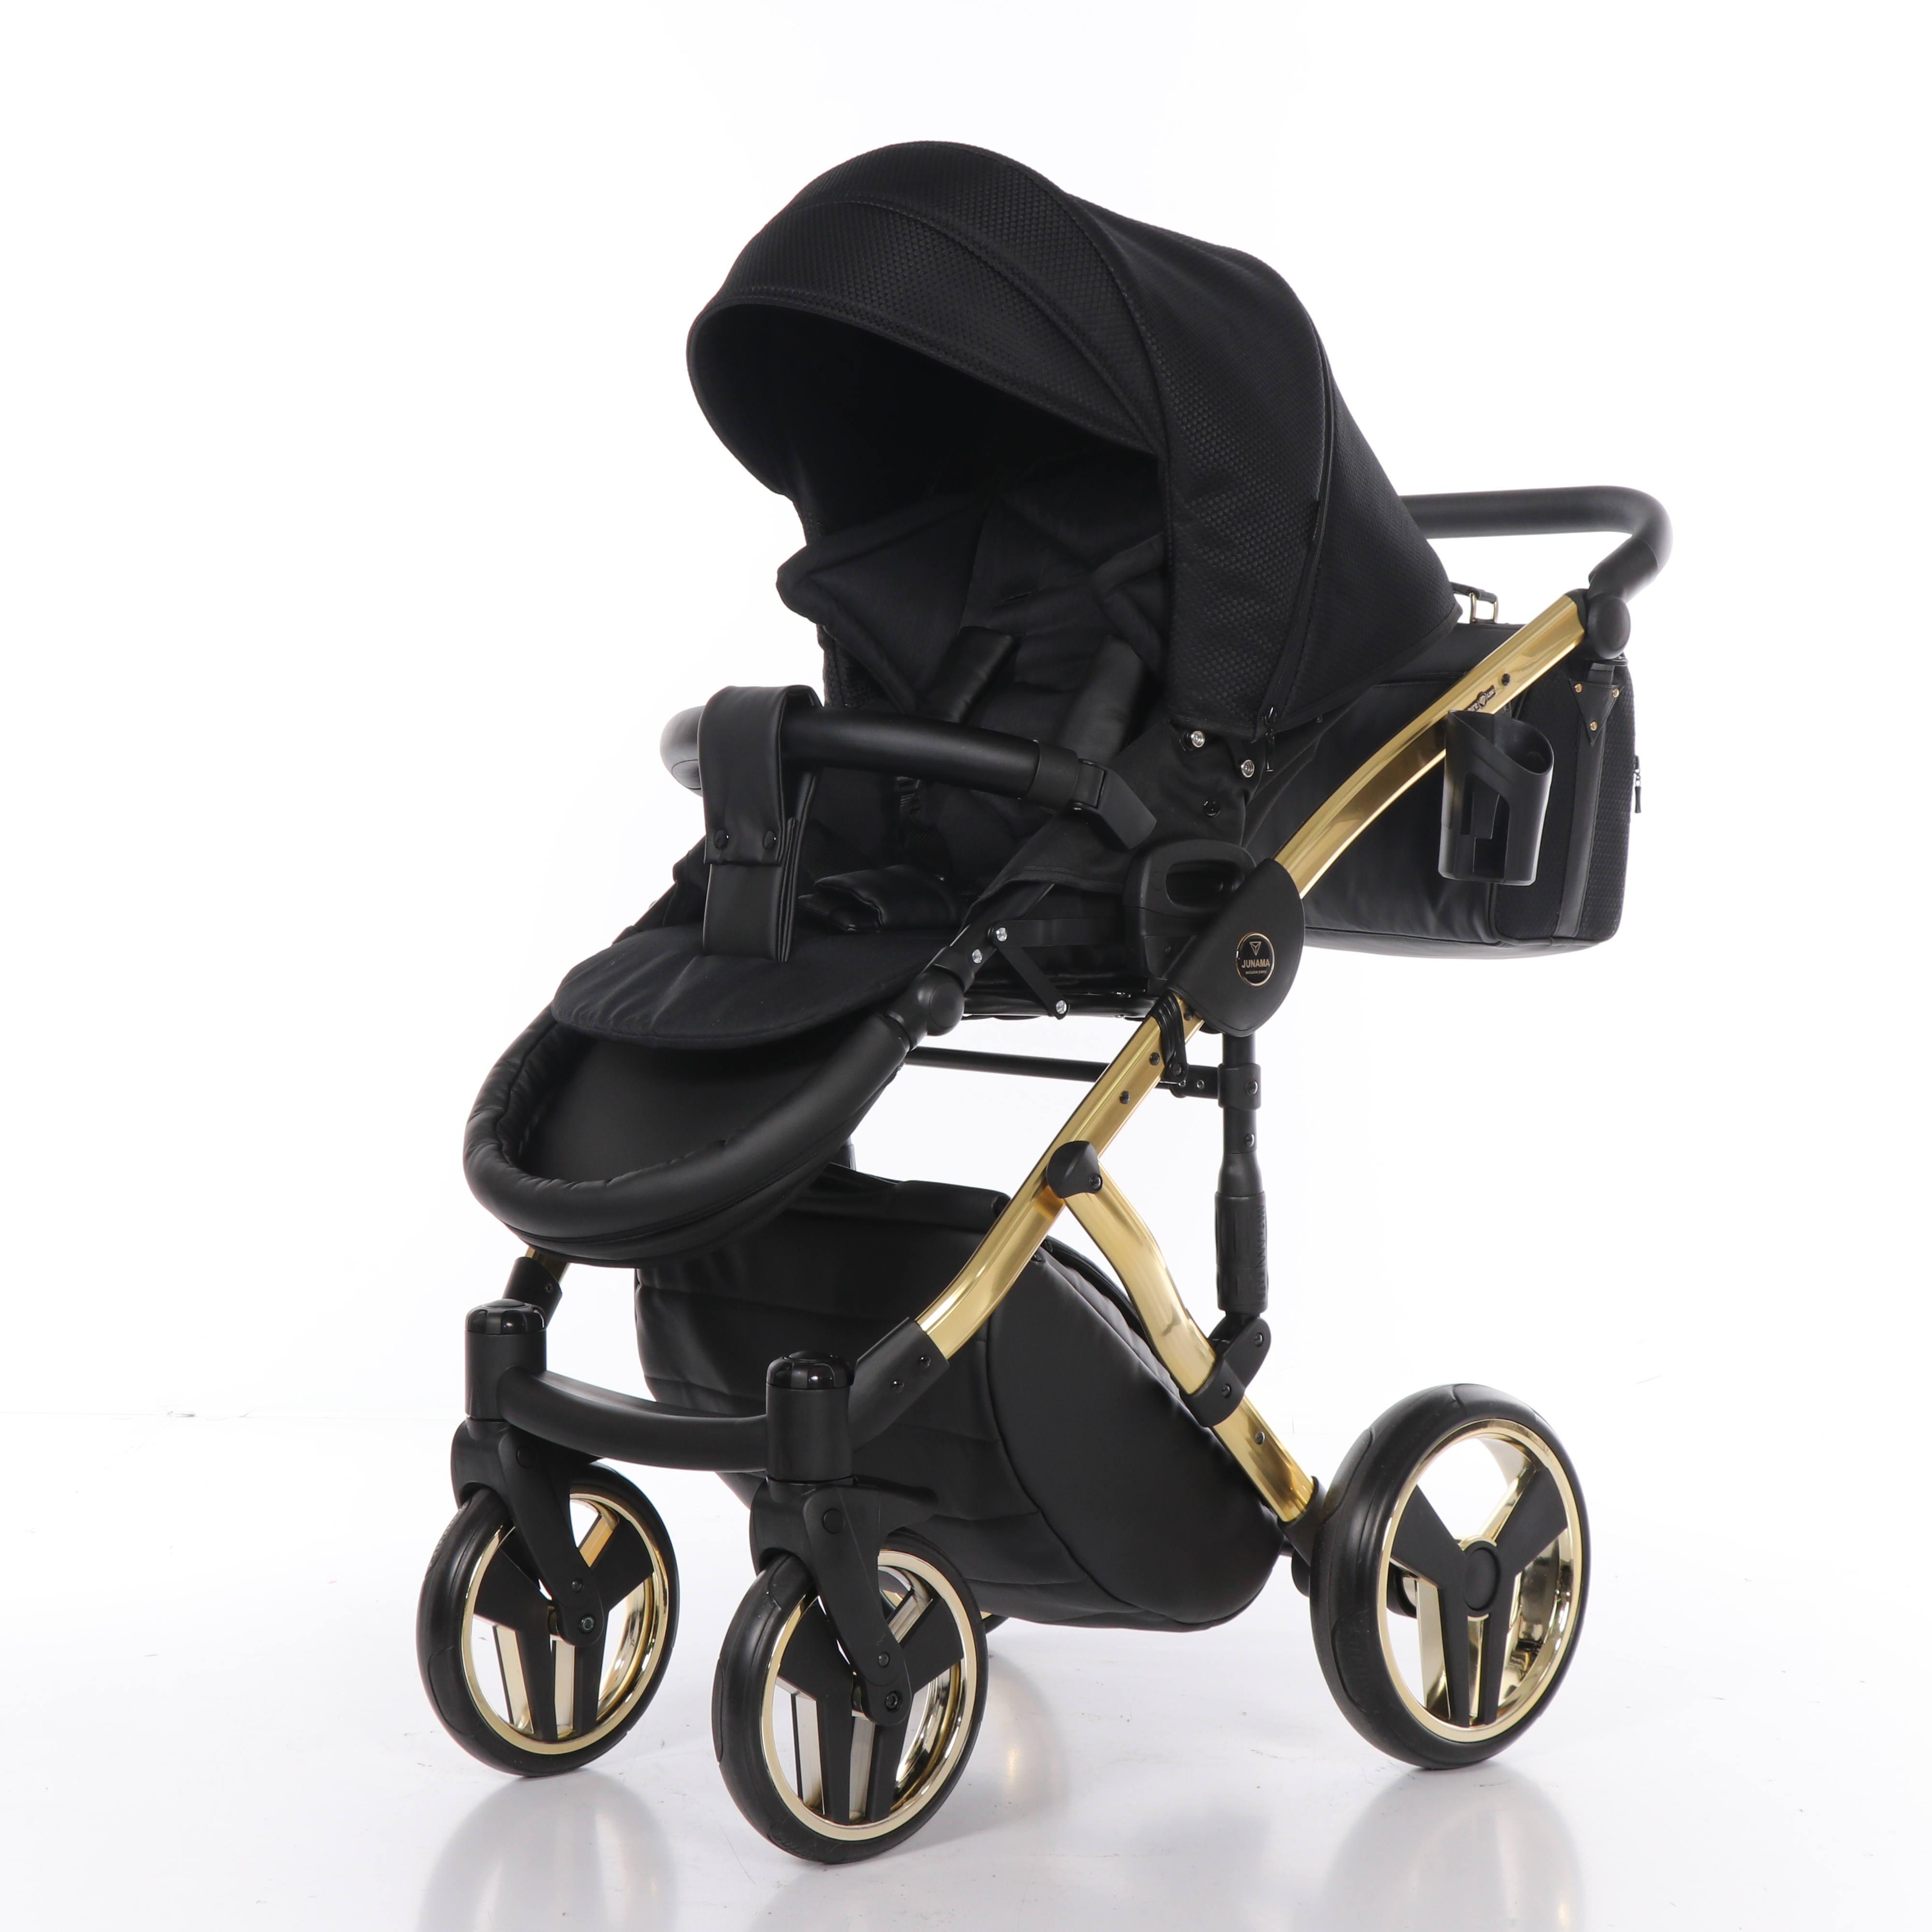 wózek Saphire Junama wielofunkcyjny dzieciecy spacerowy Dadi Shop